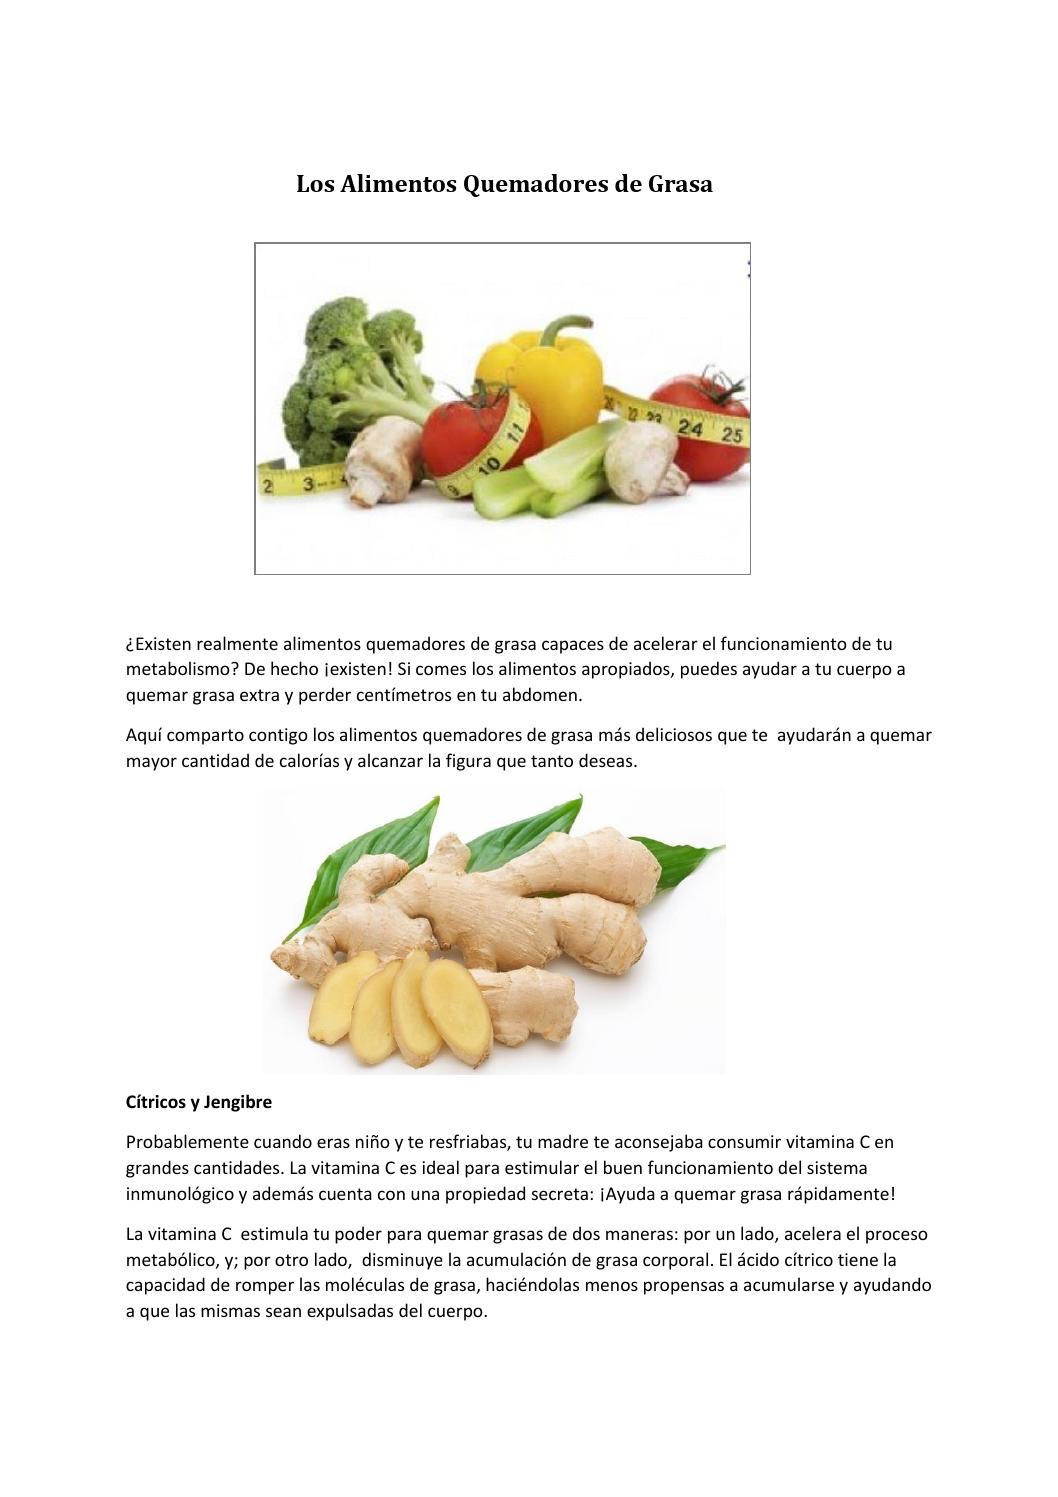 alimentos que ayudan a quemar grasas del cuerpo